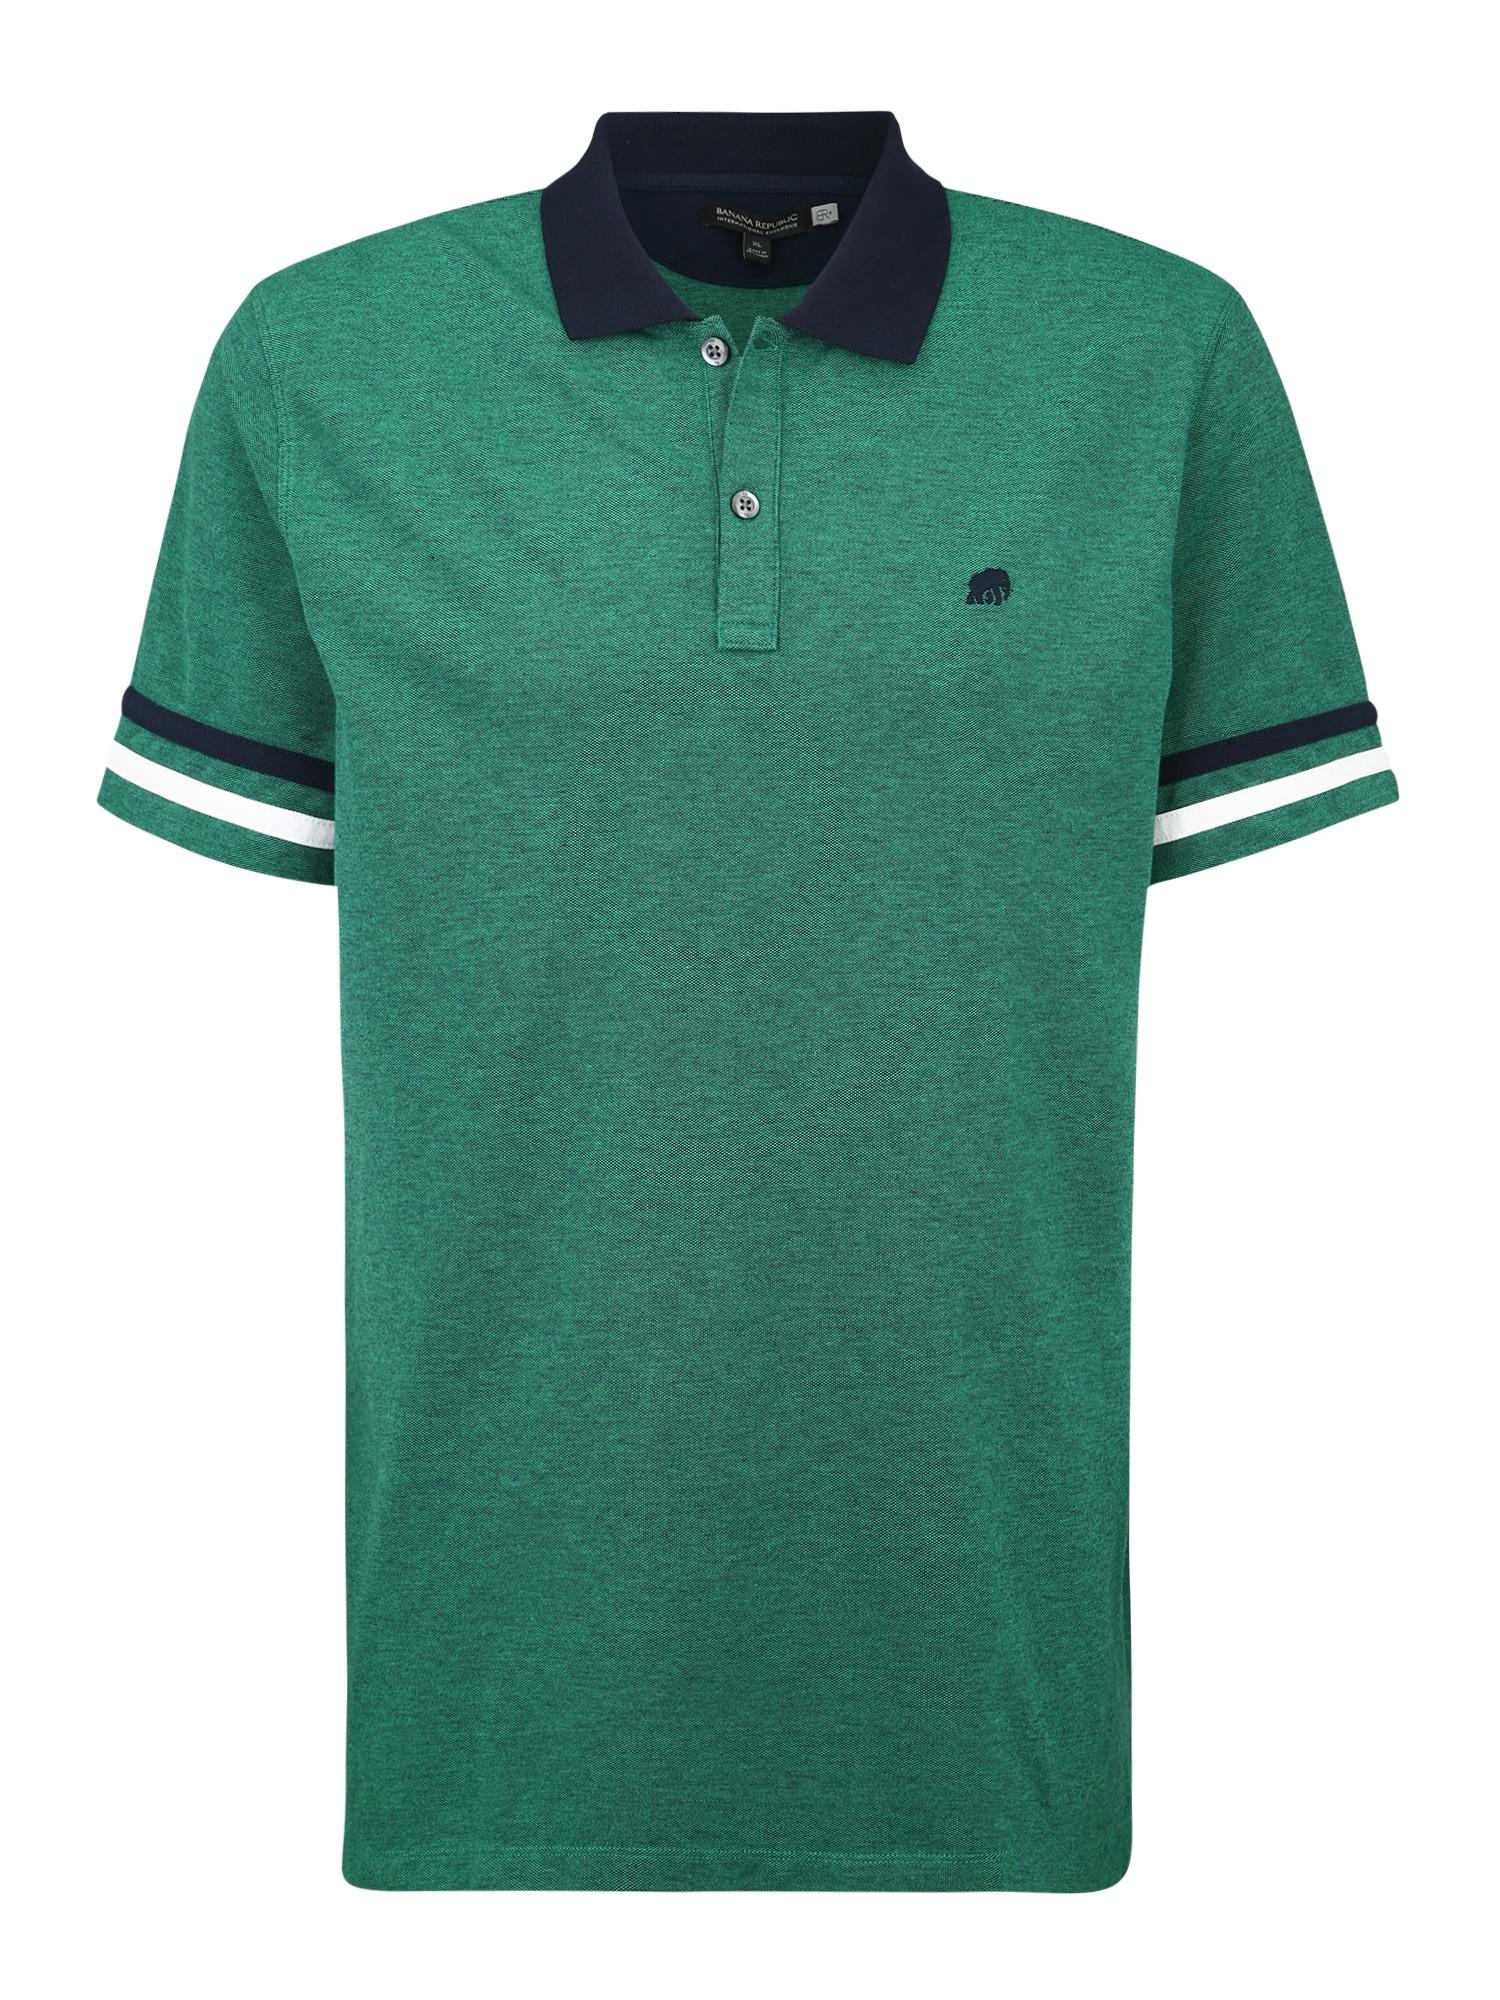 GAP Marškinėliai žalia